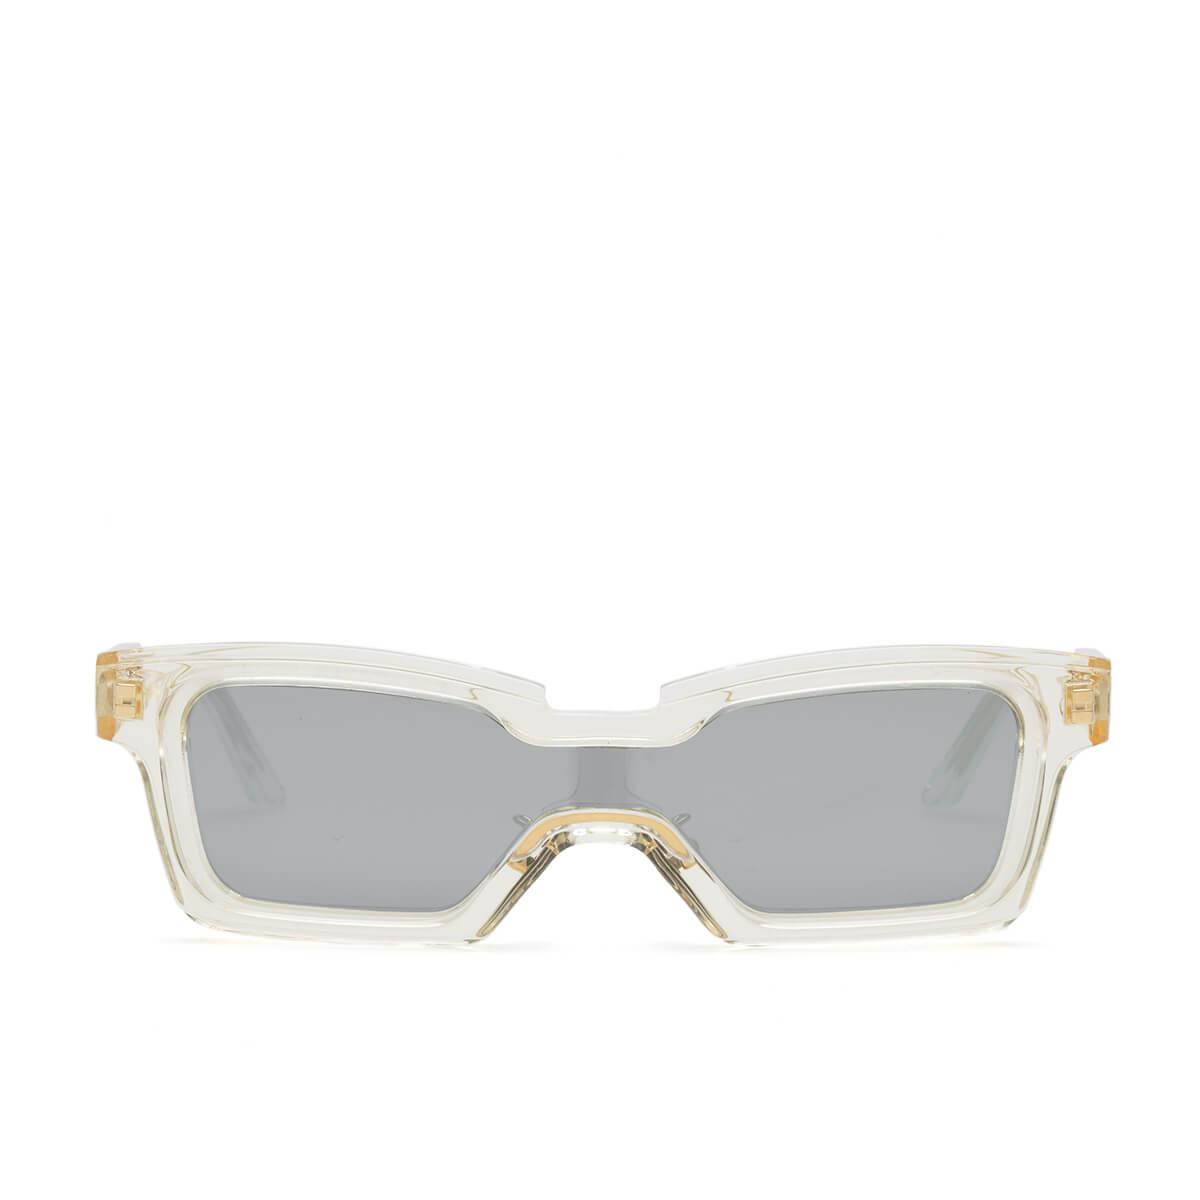 Kuboraum E10 Chp Sunglasses